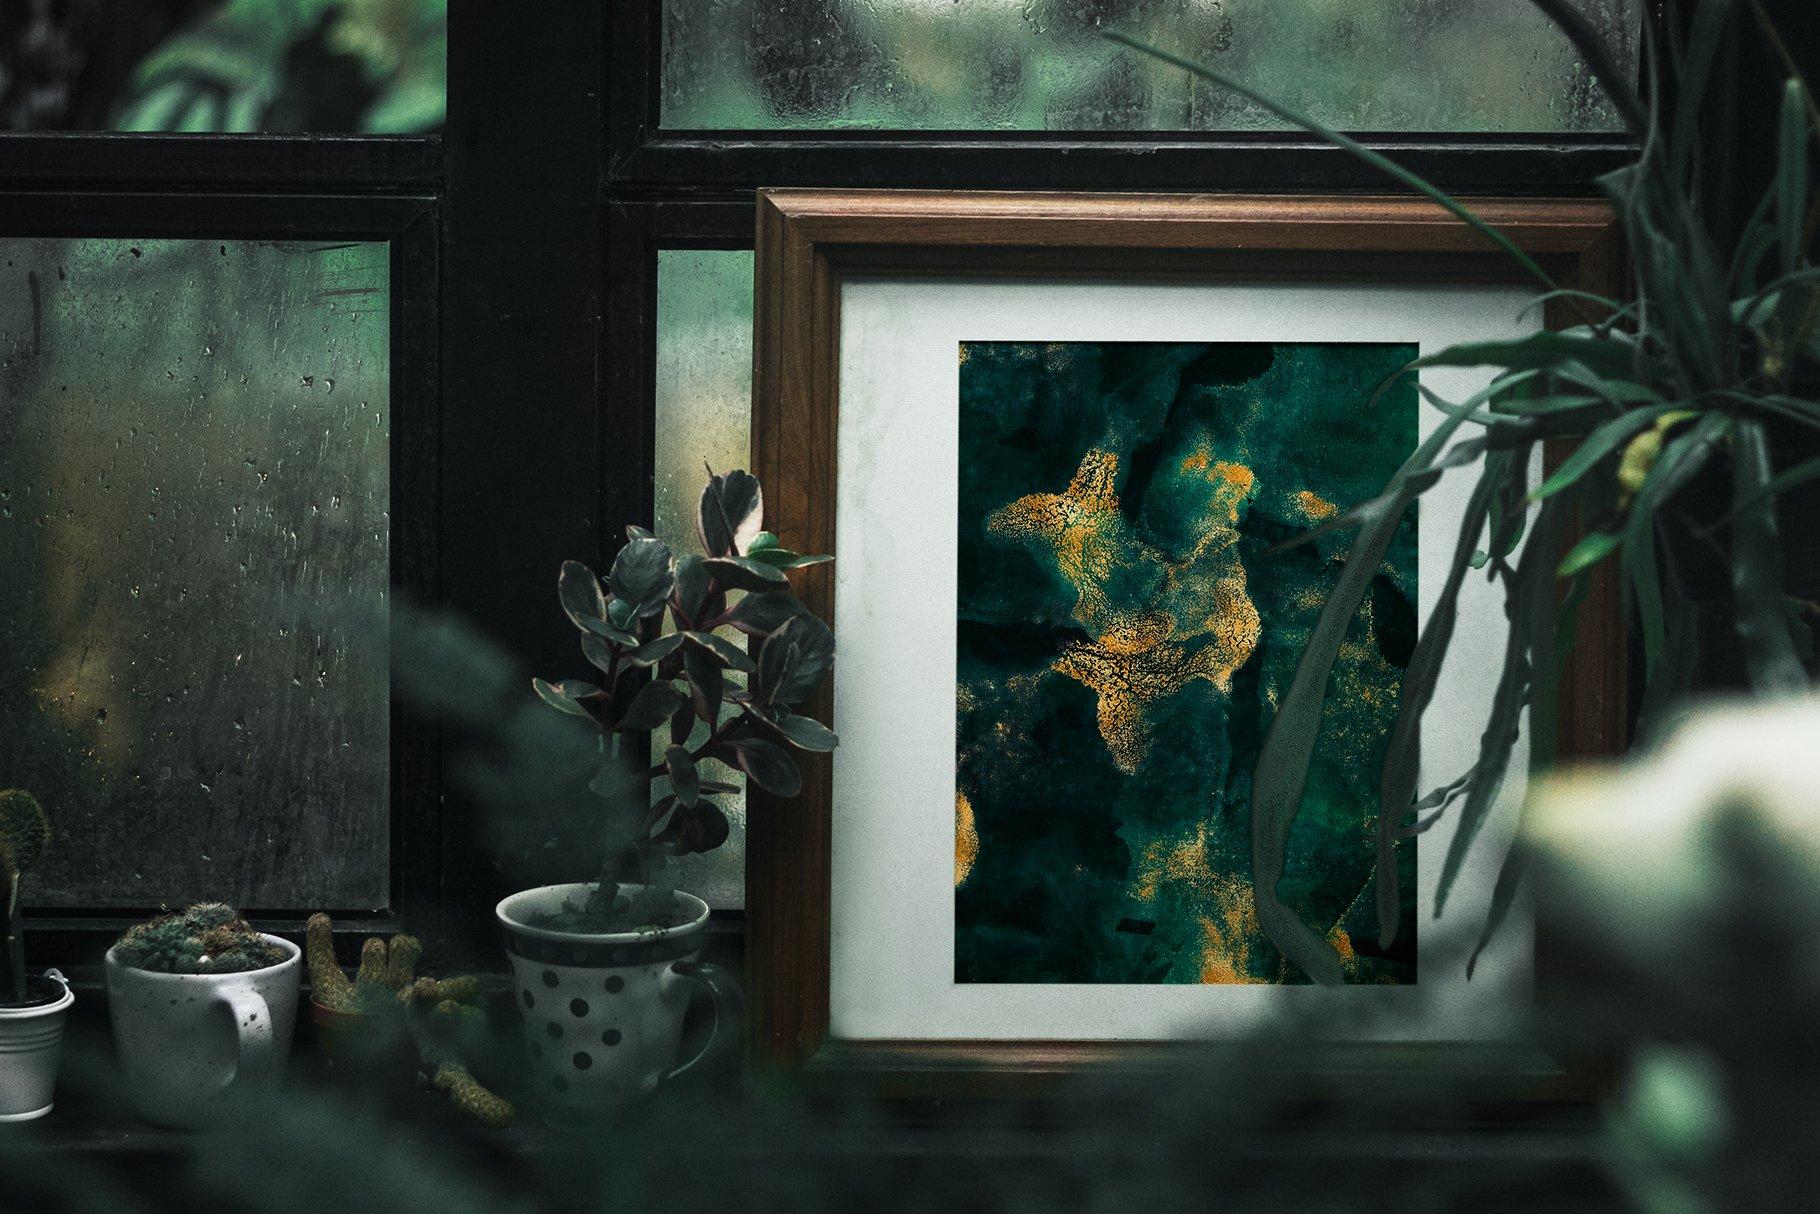 30款奢华翡翠墨绿流金水彩抽象艺术装饰背景底纹图片素材 Seamless Watercolor Backgrounds插图26